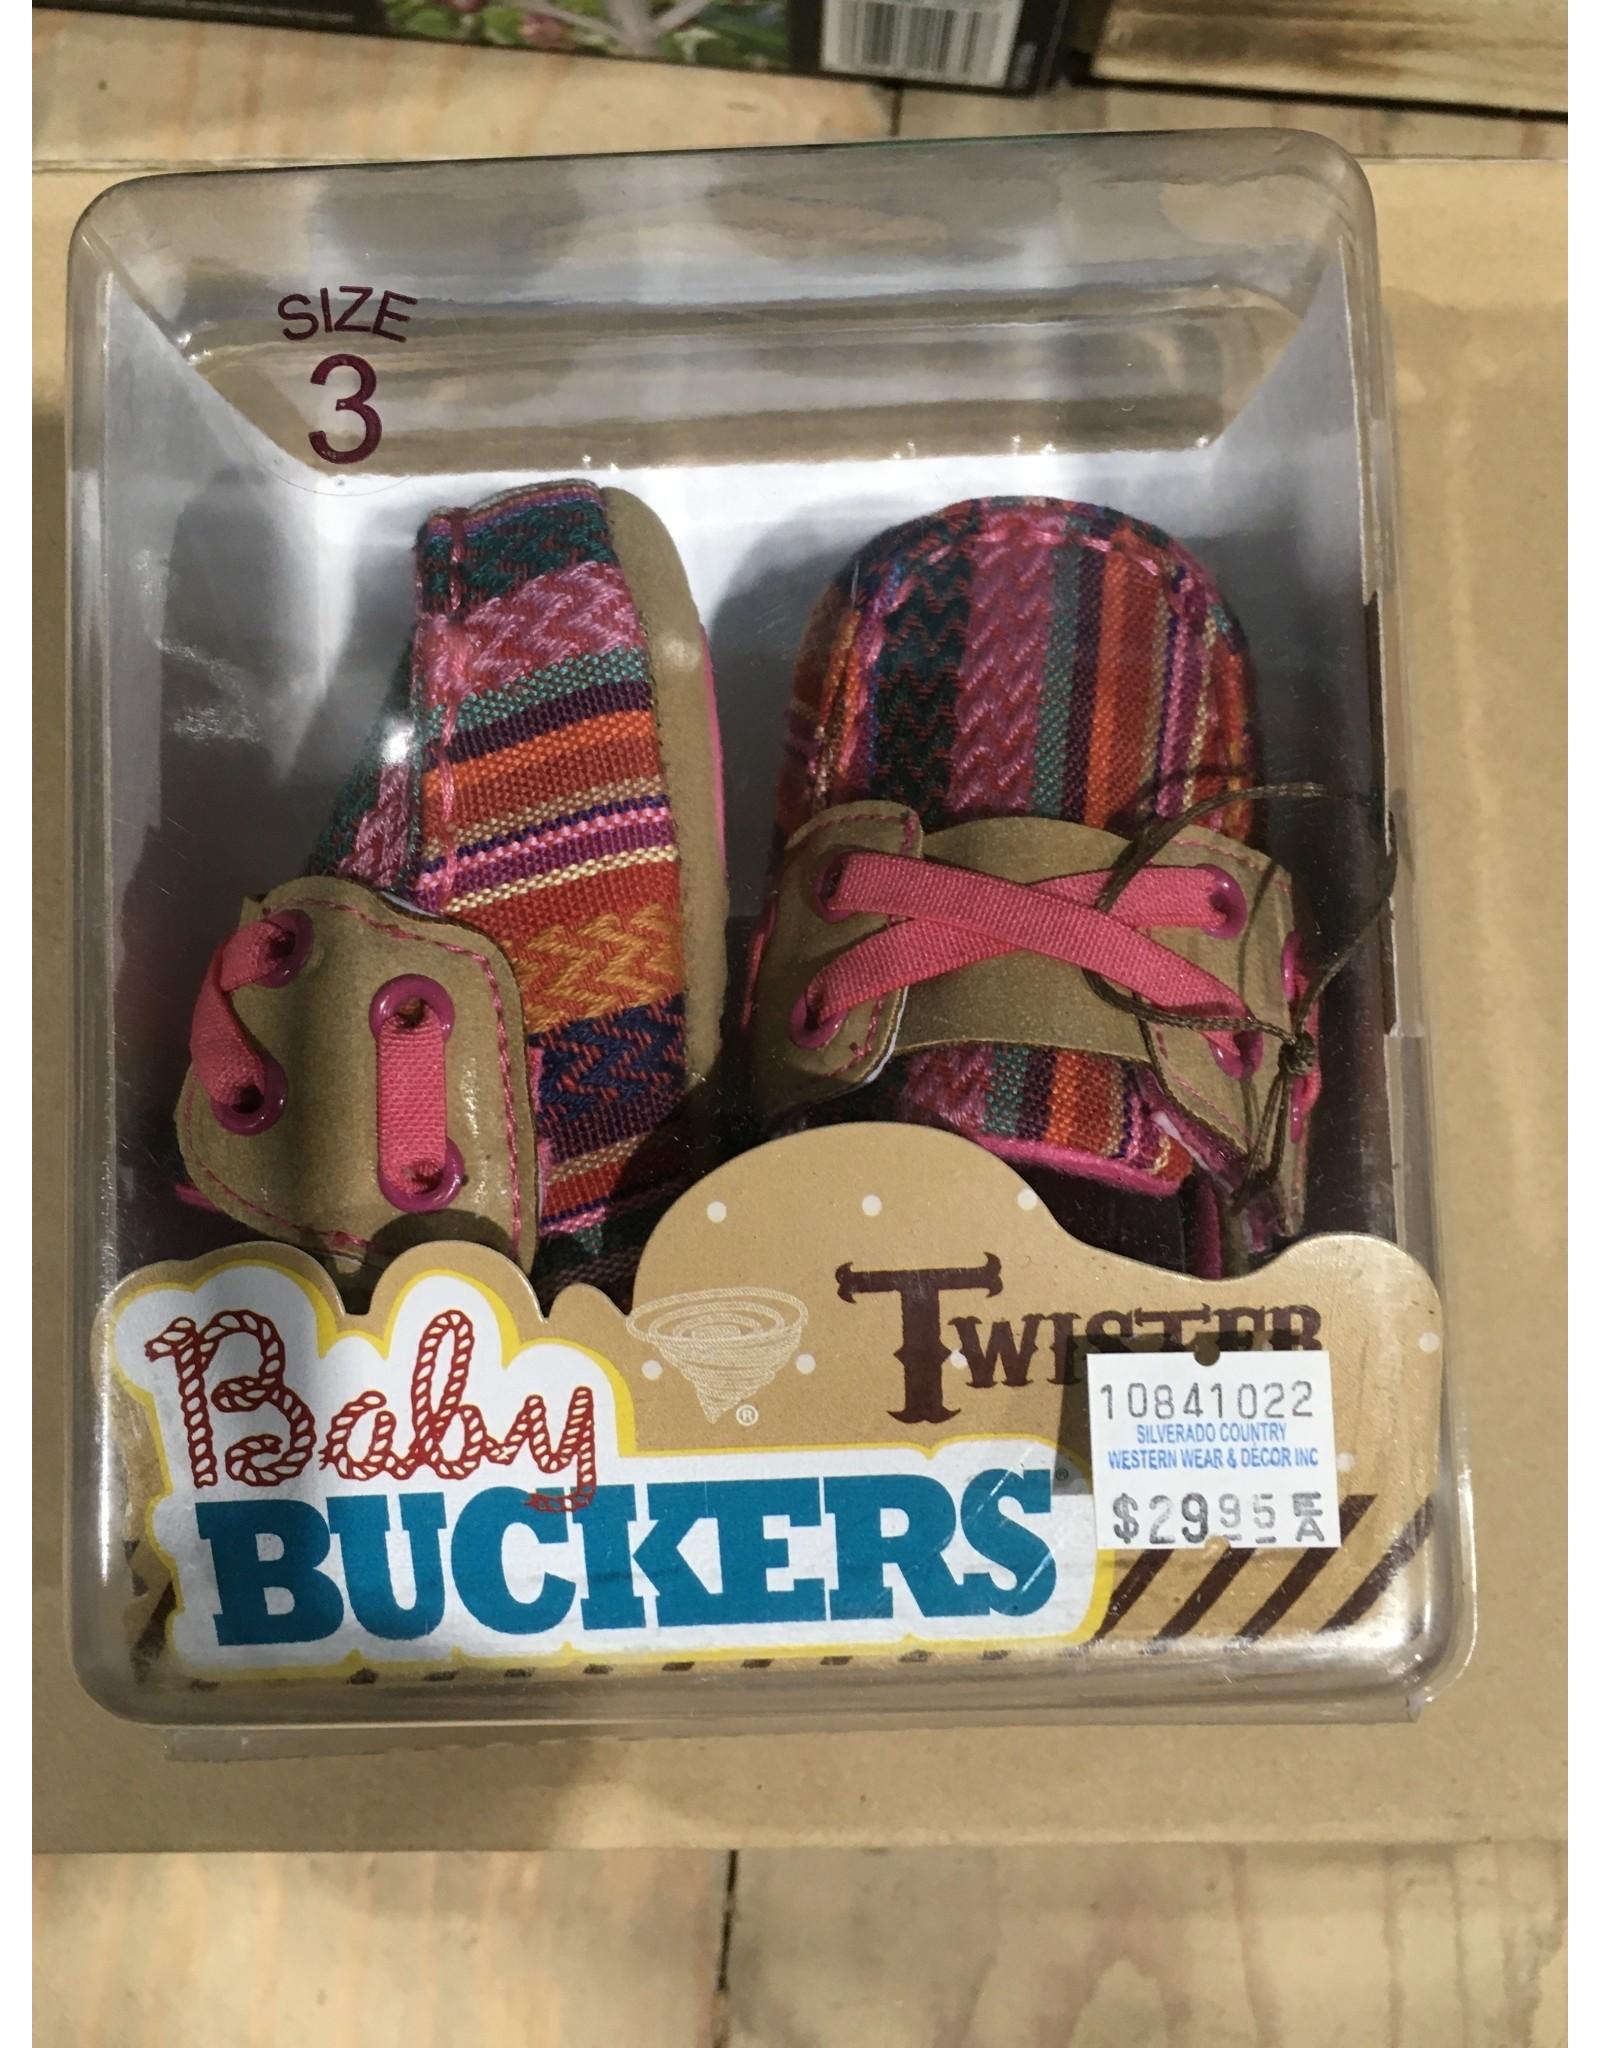 Baby Buckers RILEY BABY BUCKER CASUAL MULTI